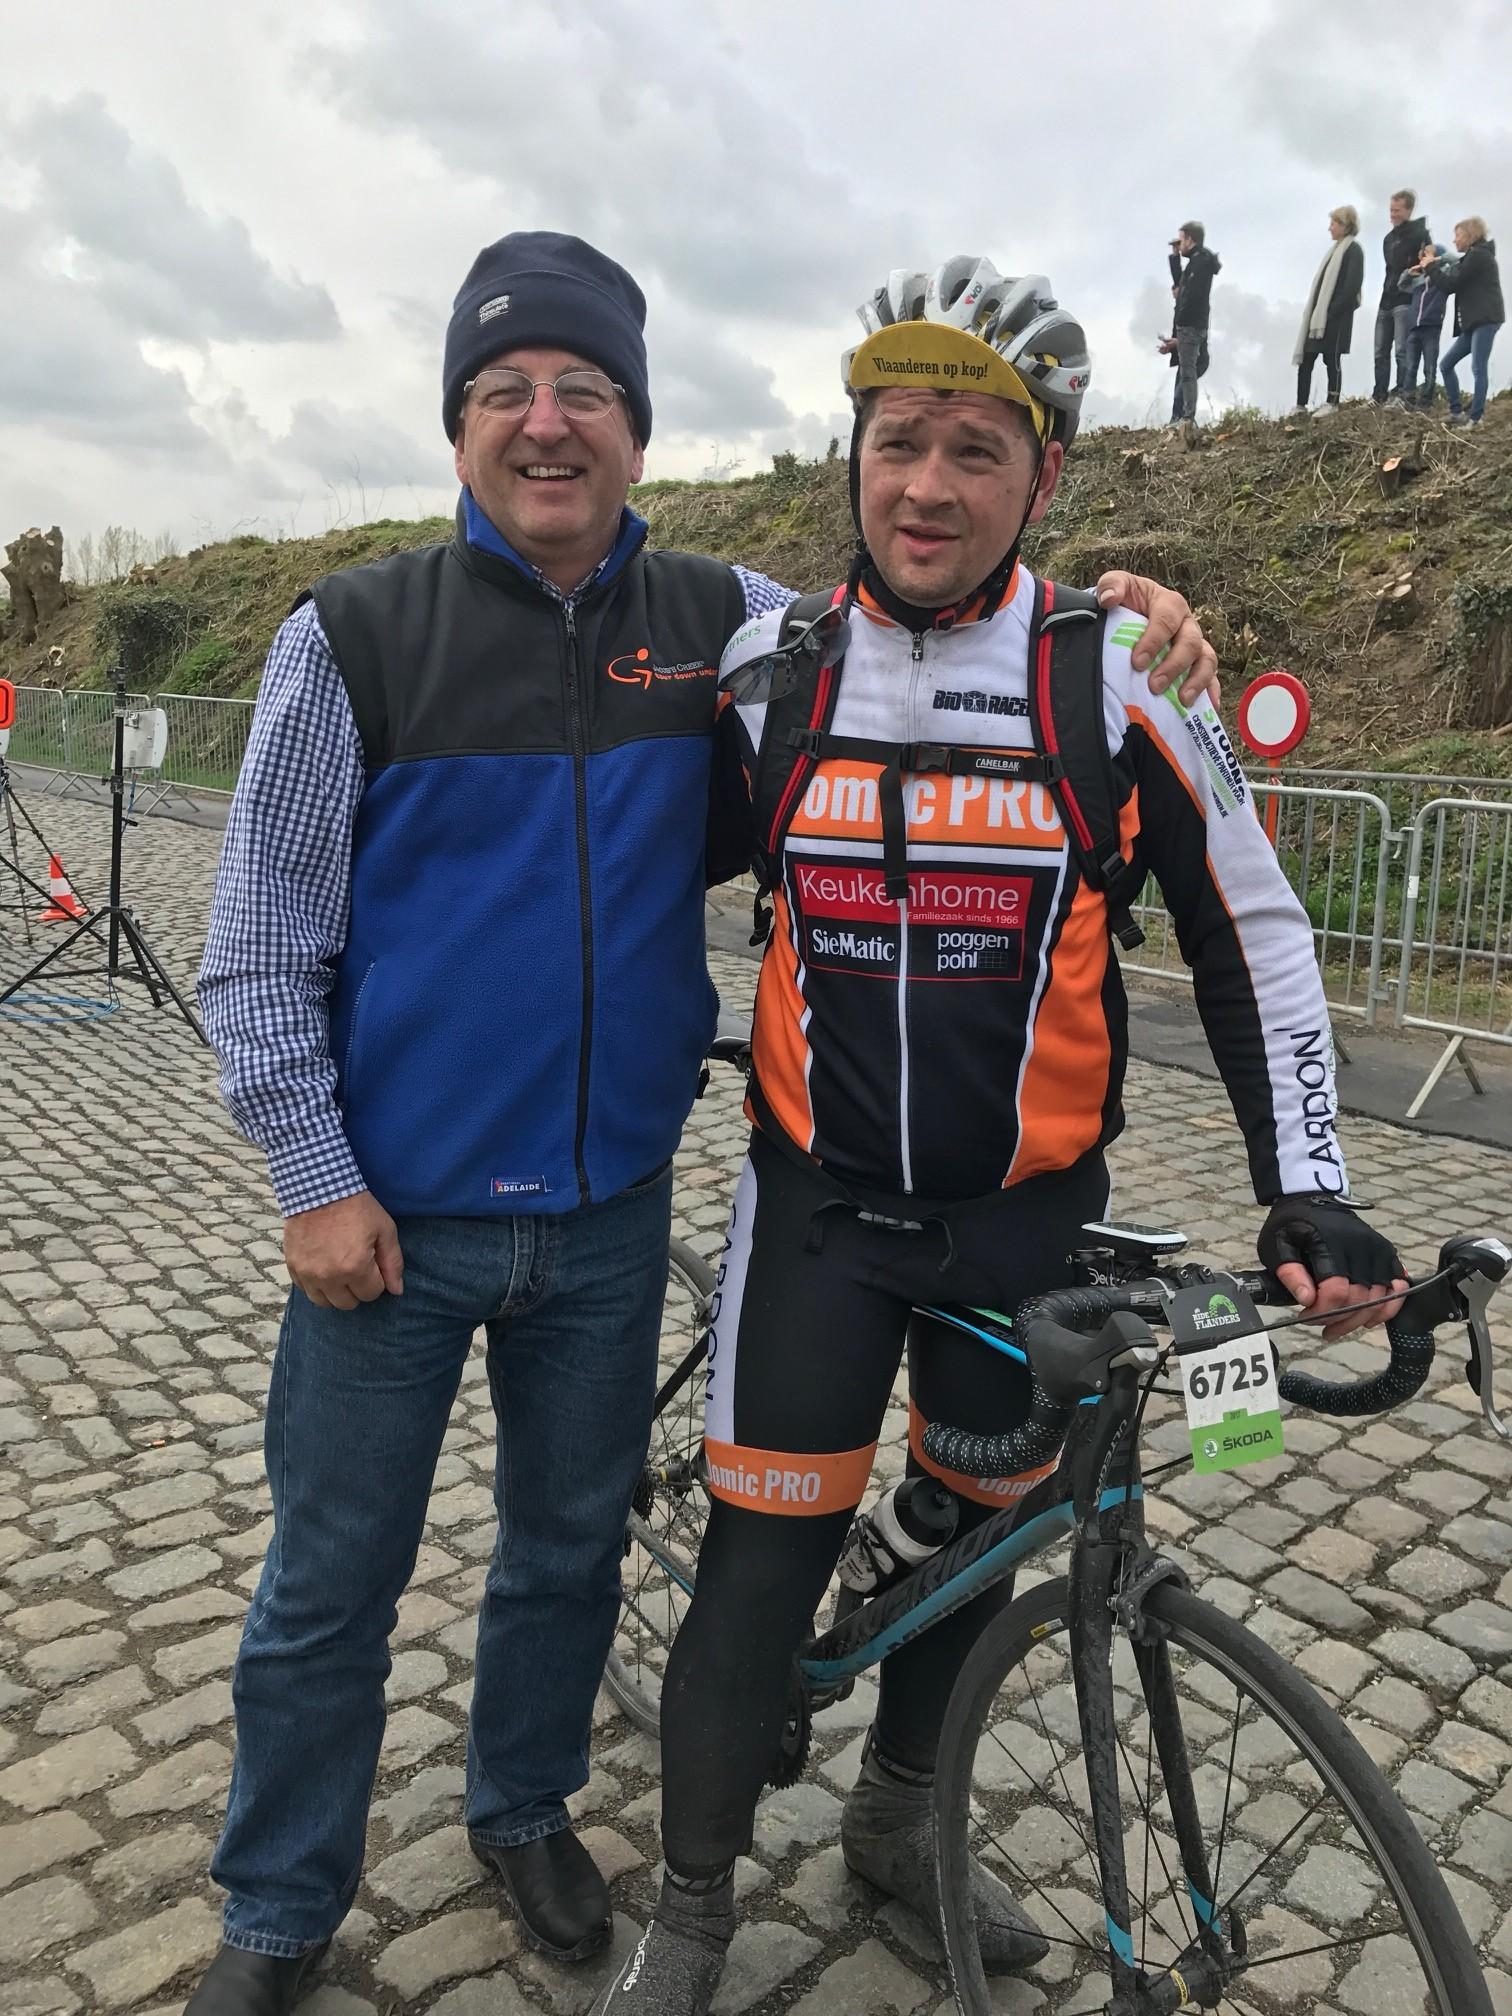 Ronde Van Vlaanderen Cyclosportive 17 - Mike O'Reilly with Maarten Verhulst at the top of the Eikenberg